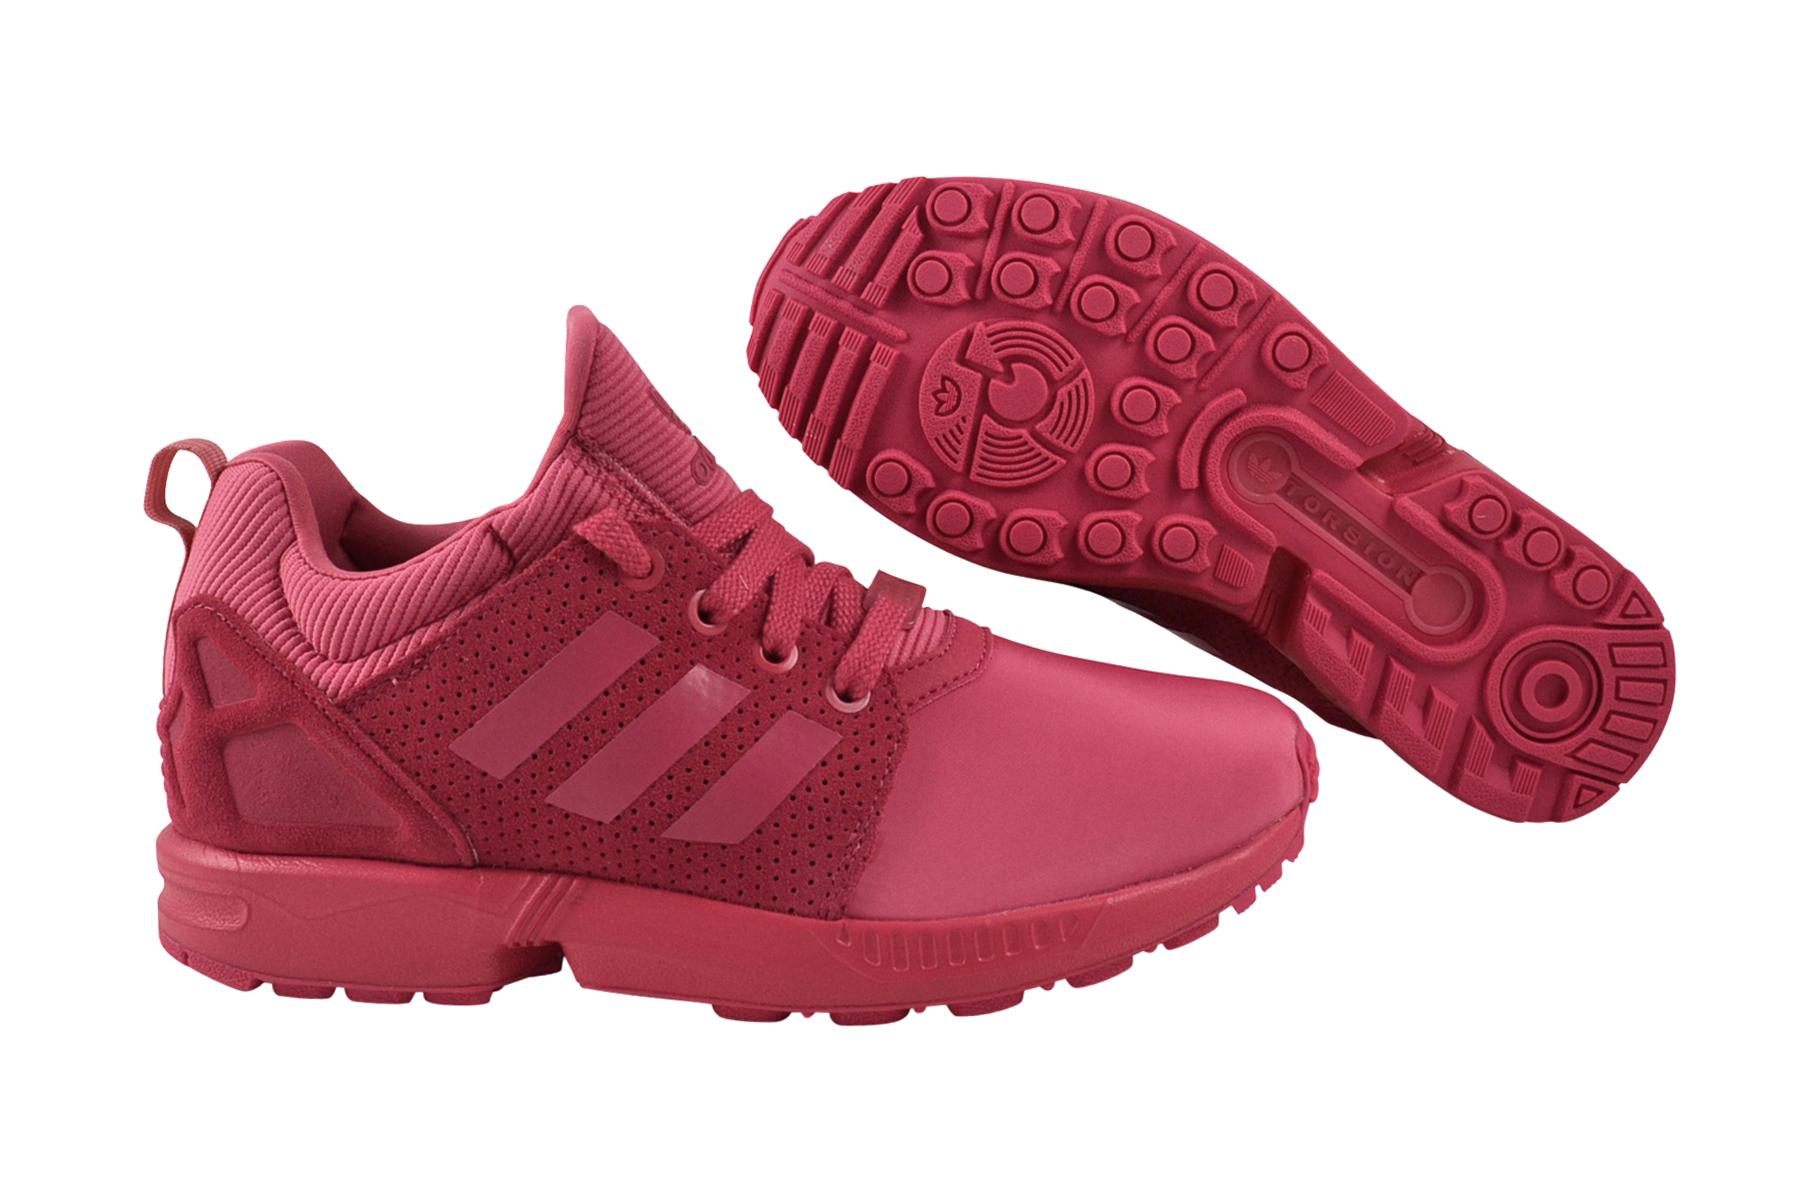 adidas zx flux all red Damen Schuhe gesucht (Klamotten, Sneaker)